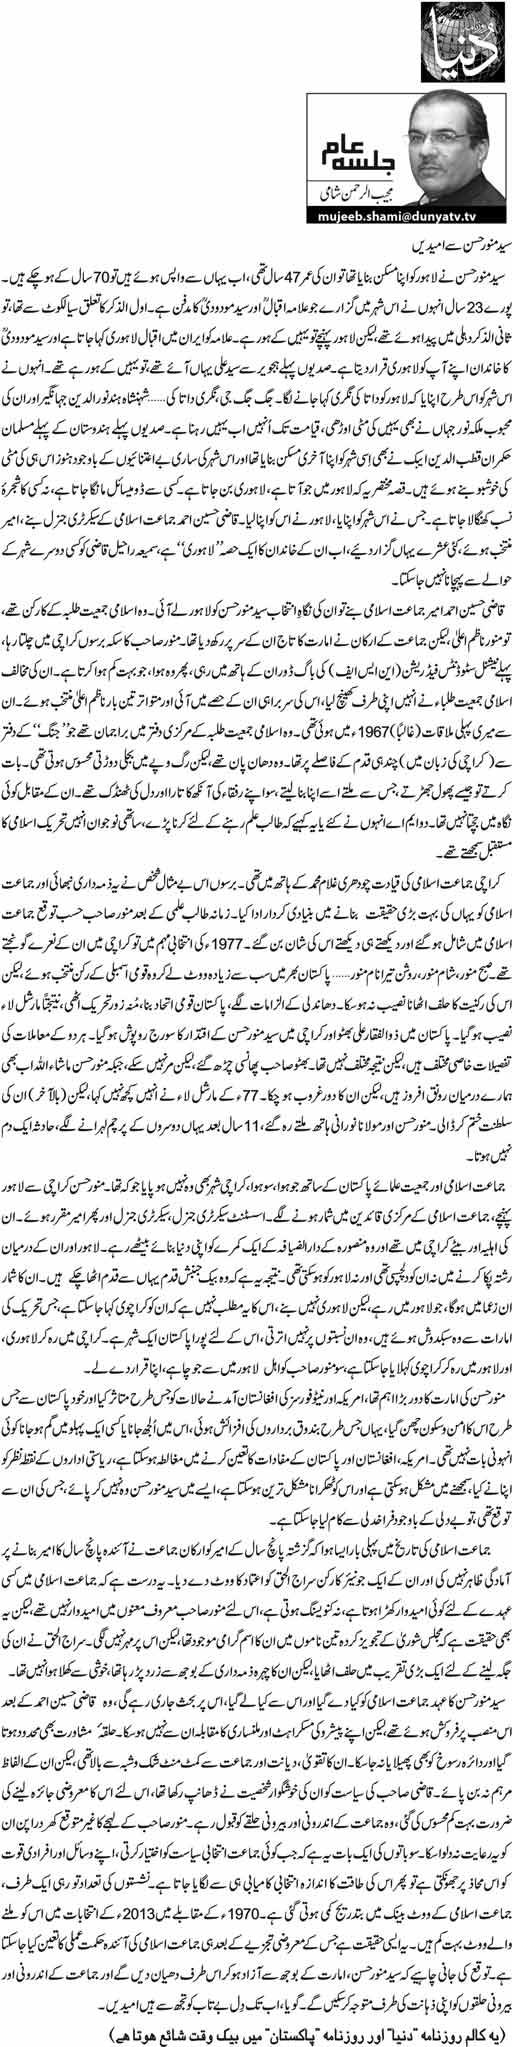 Syed Munawar Hassan Se Umeedain - Mujeeb ur Rehman Shami